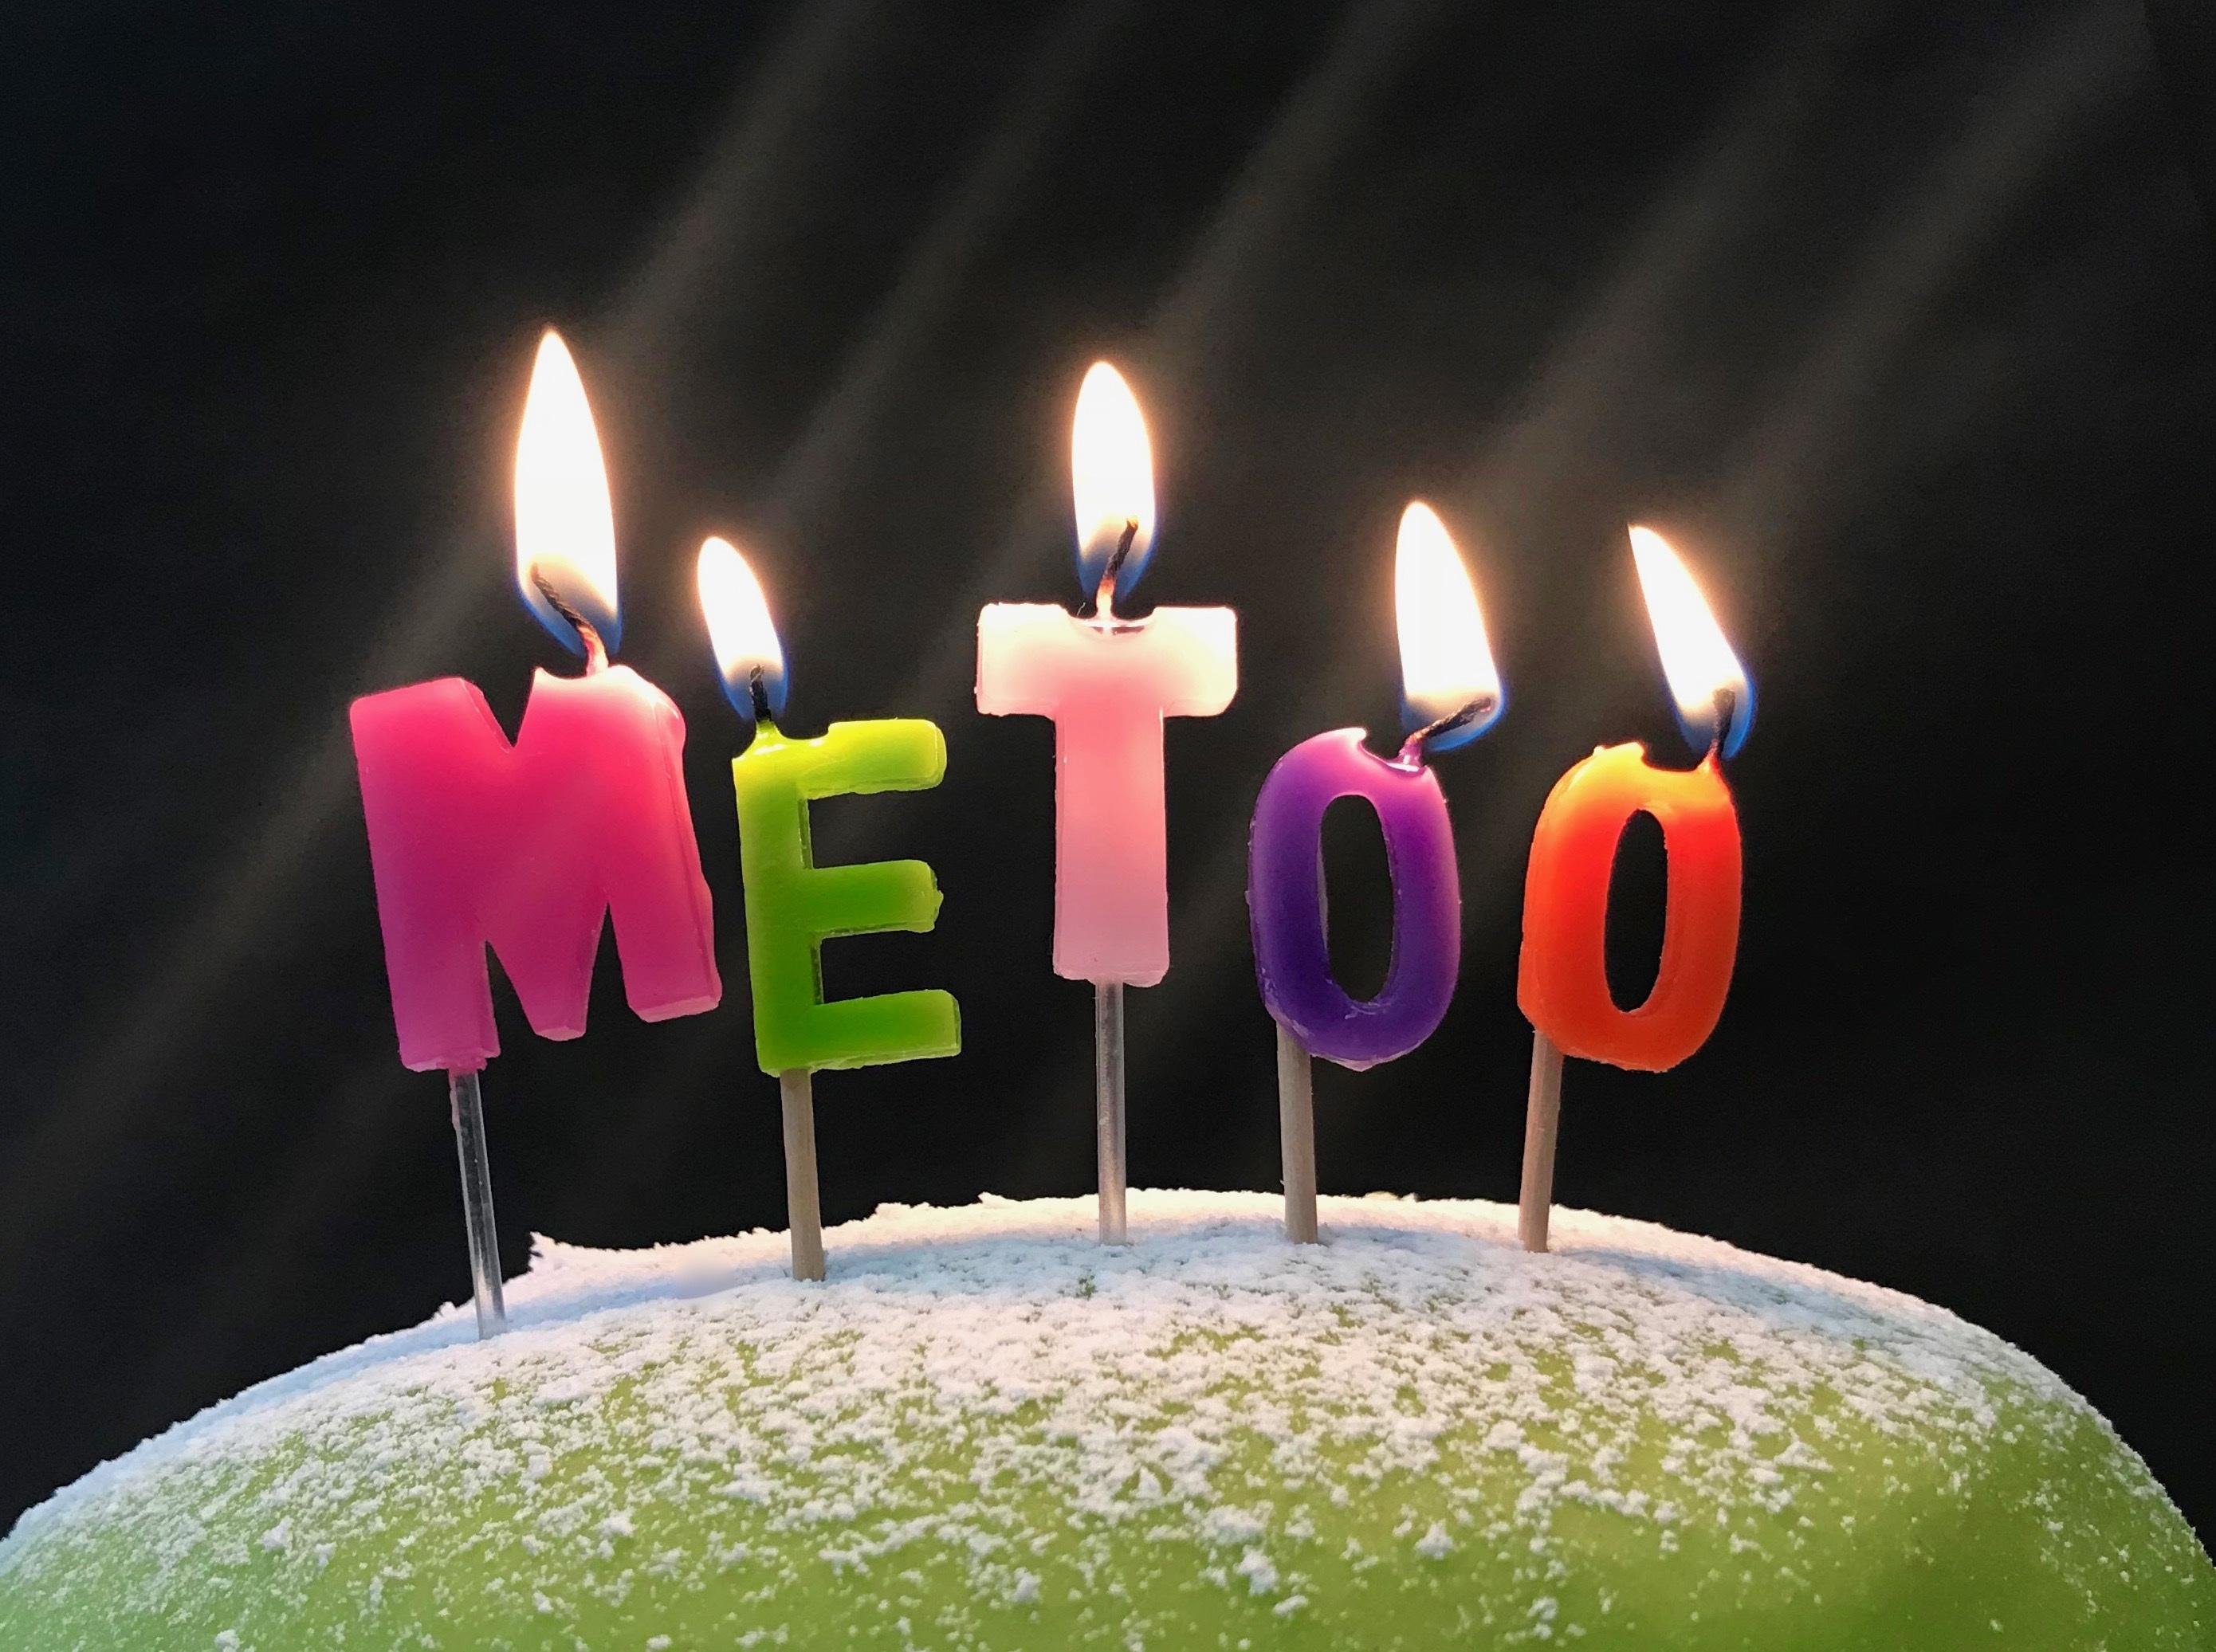 ha den äran idag på din födelsedag text Ha Den Äran På Din Bemärkelsedag     abroad center ha den äran idag på din födelsedag text